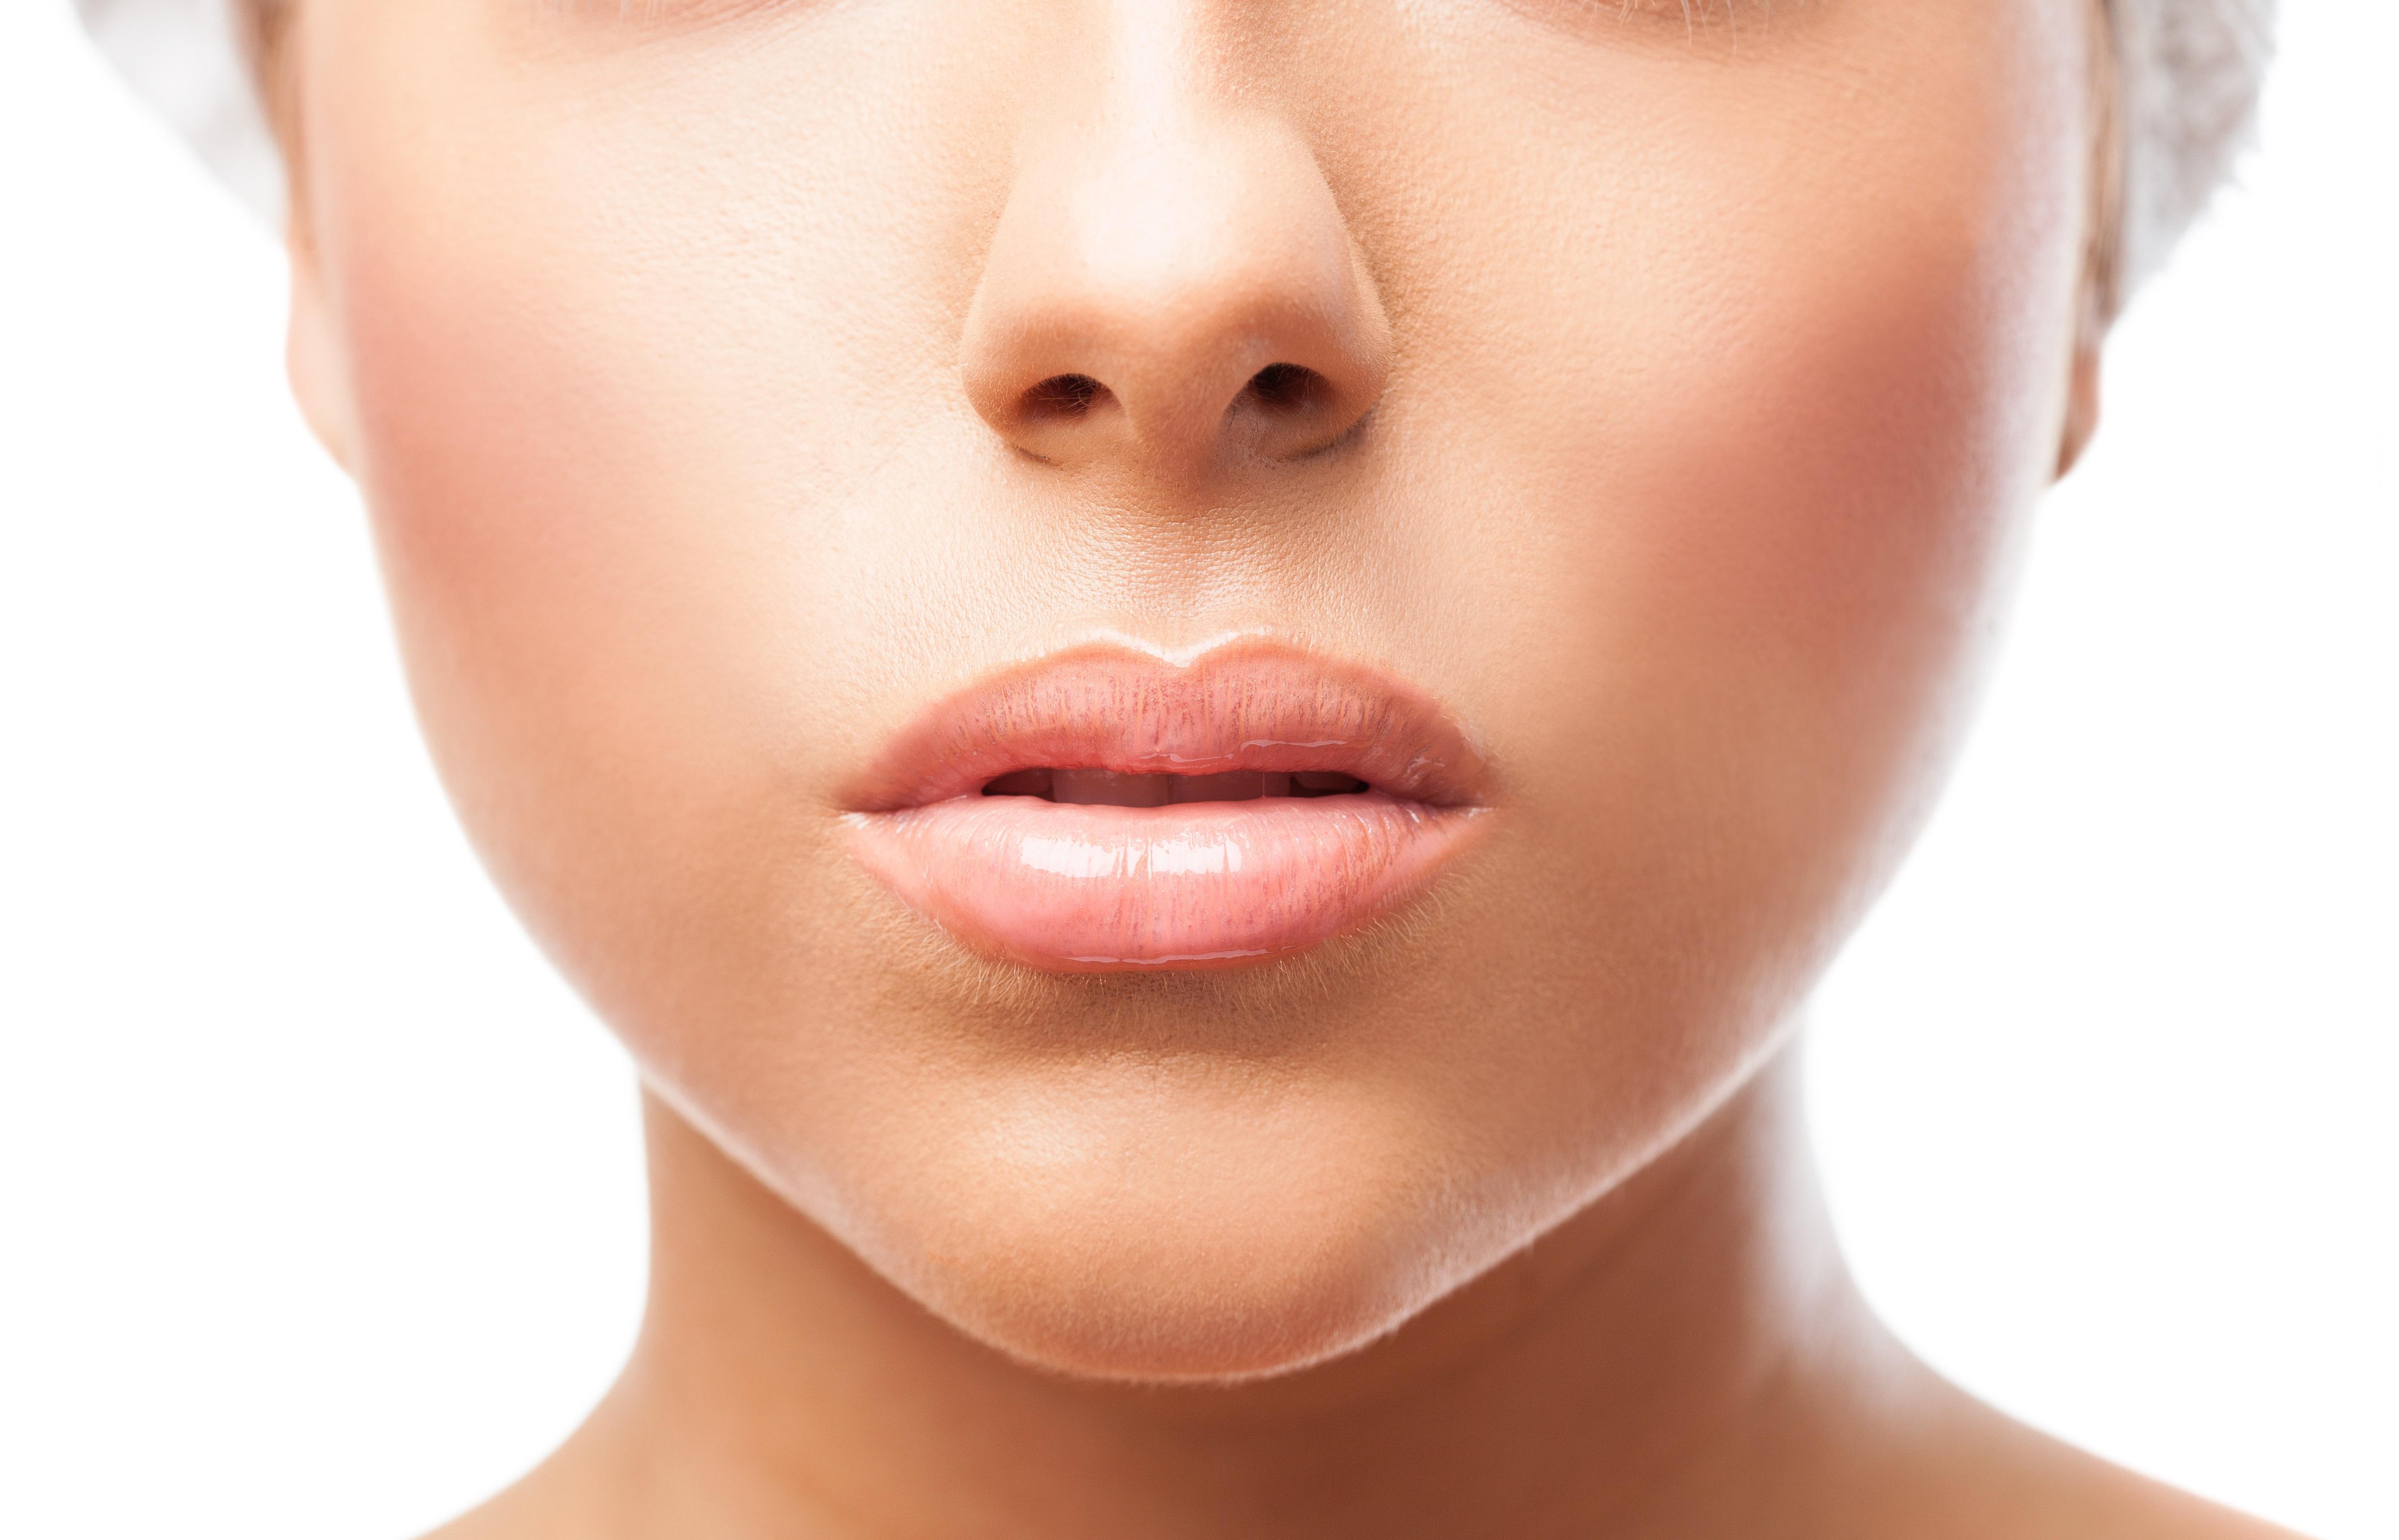 chirurgia plastica e trattamenti estetici